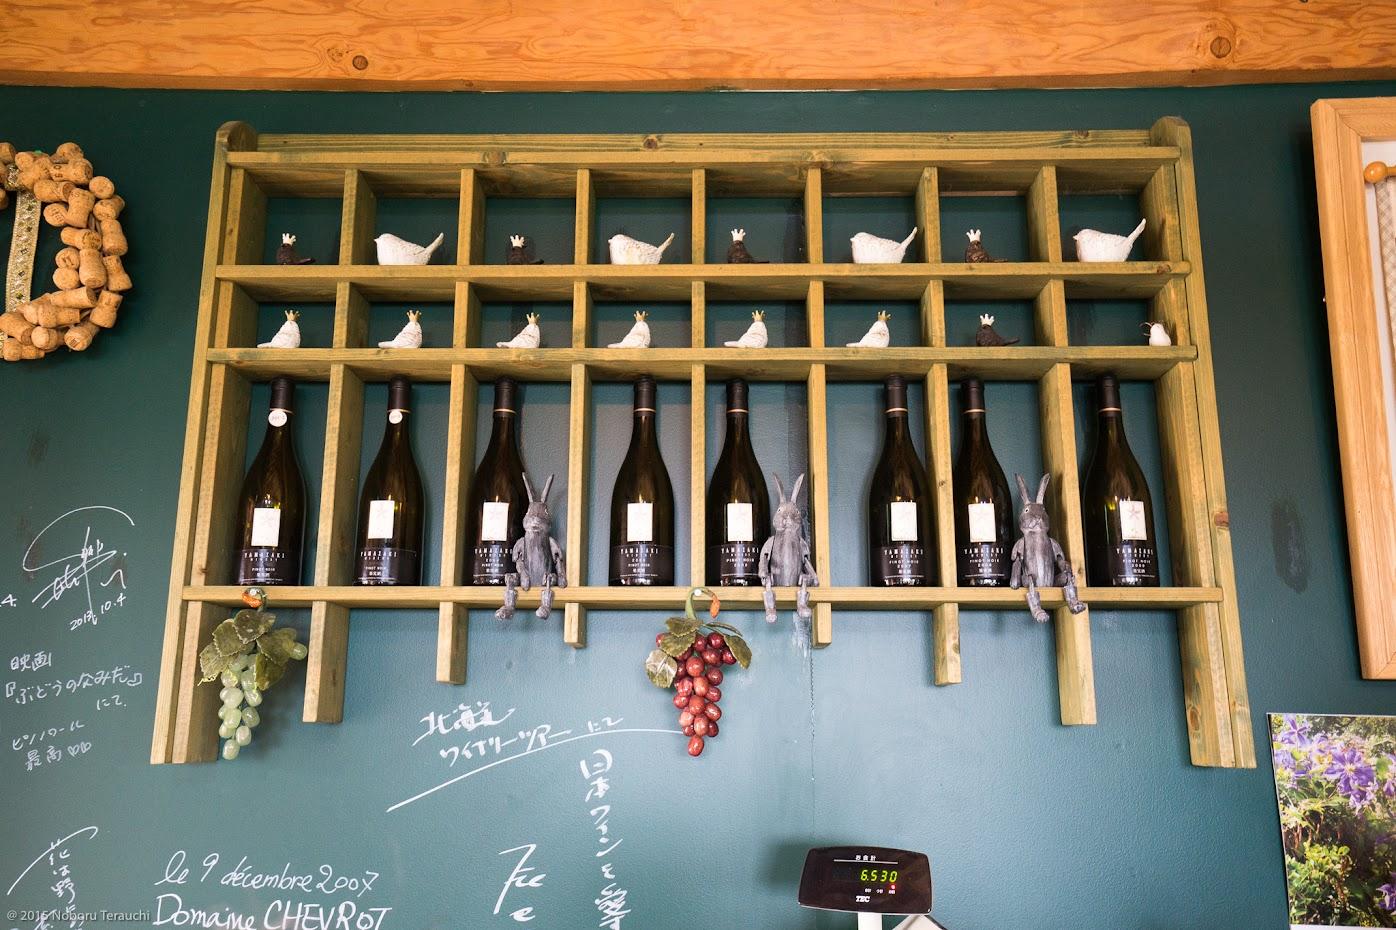 可愛くアレンジされたワイン棚